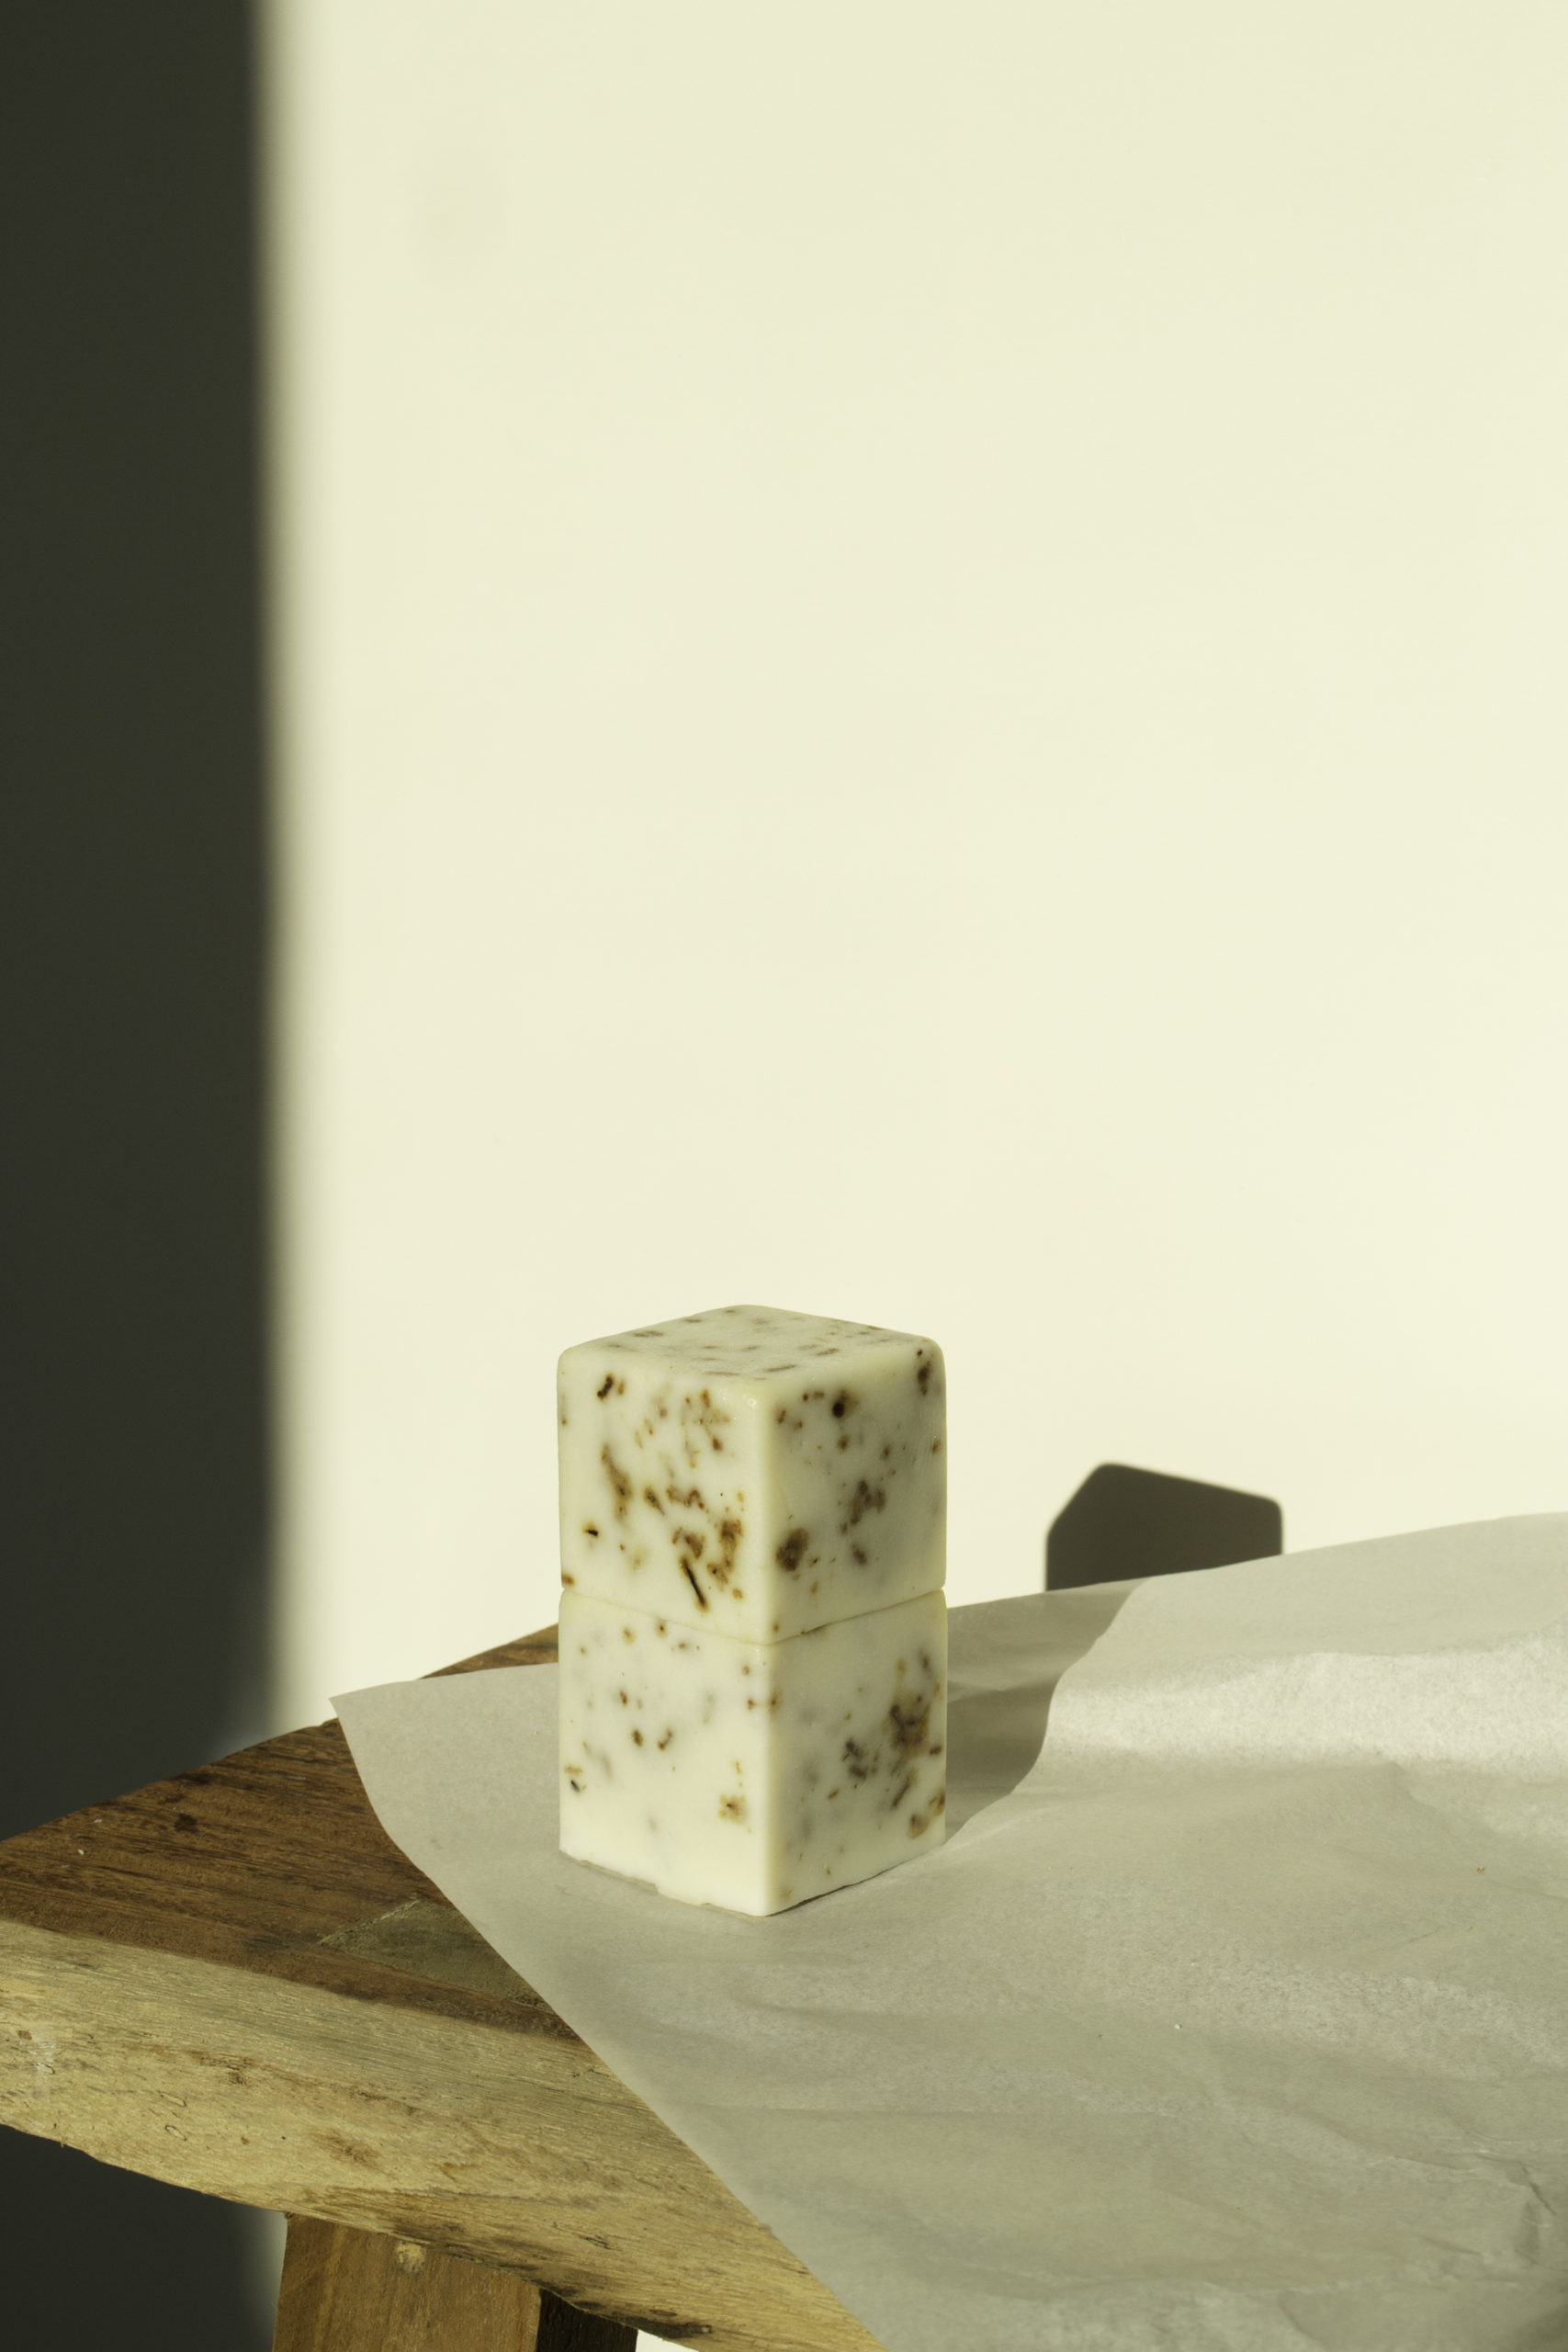 soap-lavender-vert-scaled.jpg